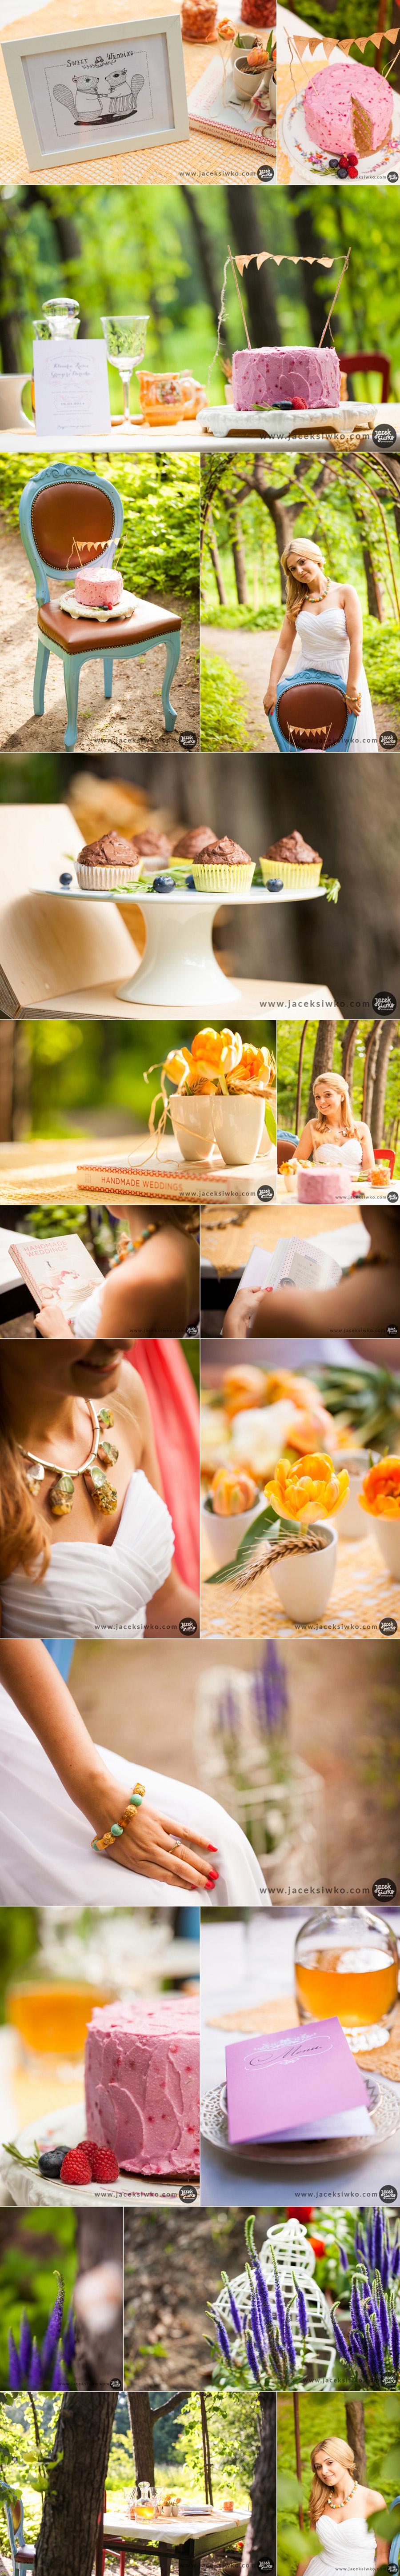 1sesja stylizowana sweet wedding event by ev siwko photography trojmiasto fotograf sesje slubne